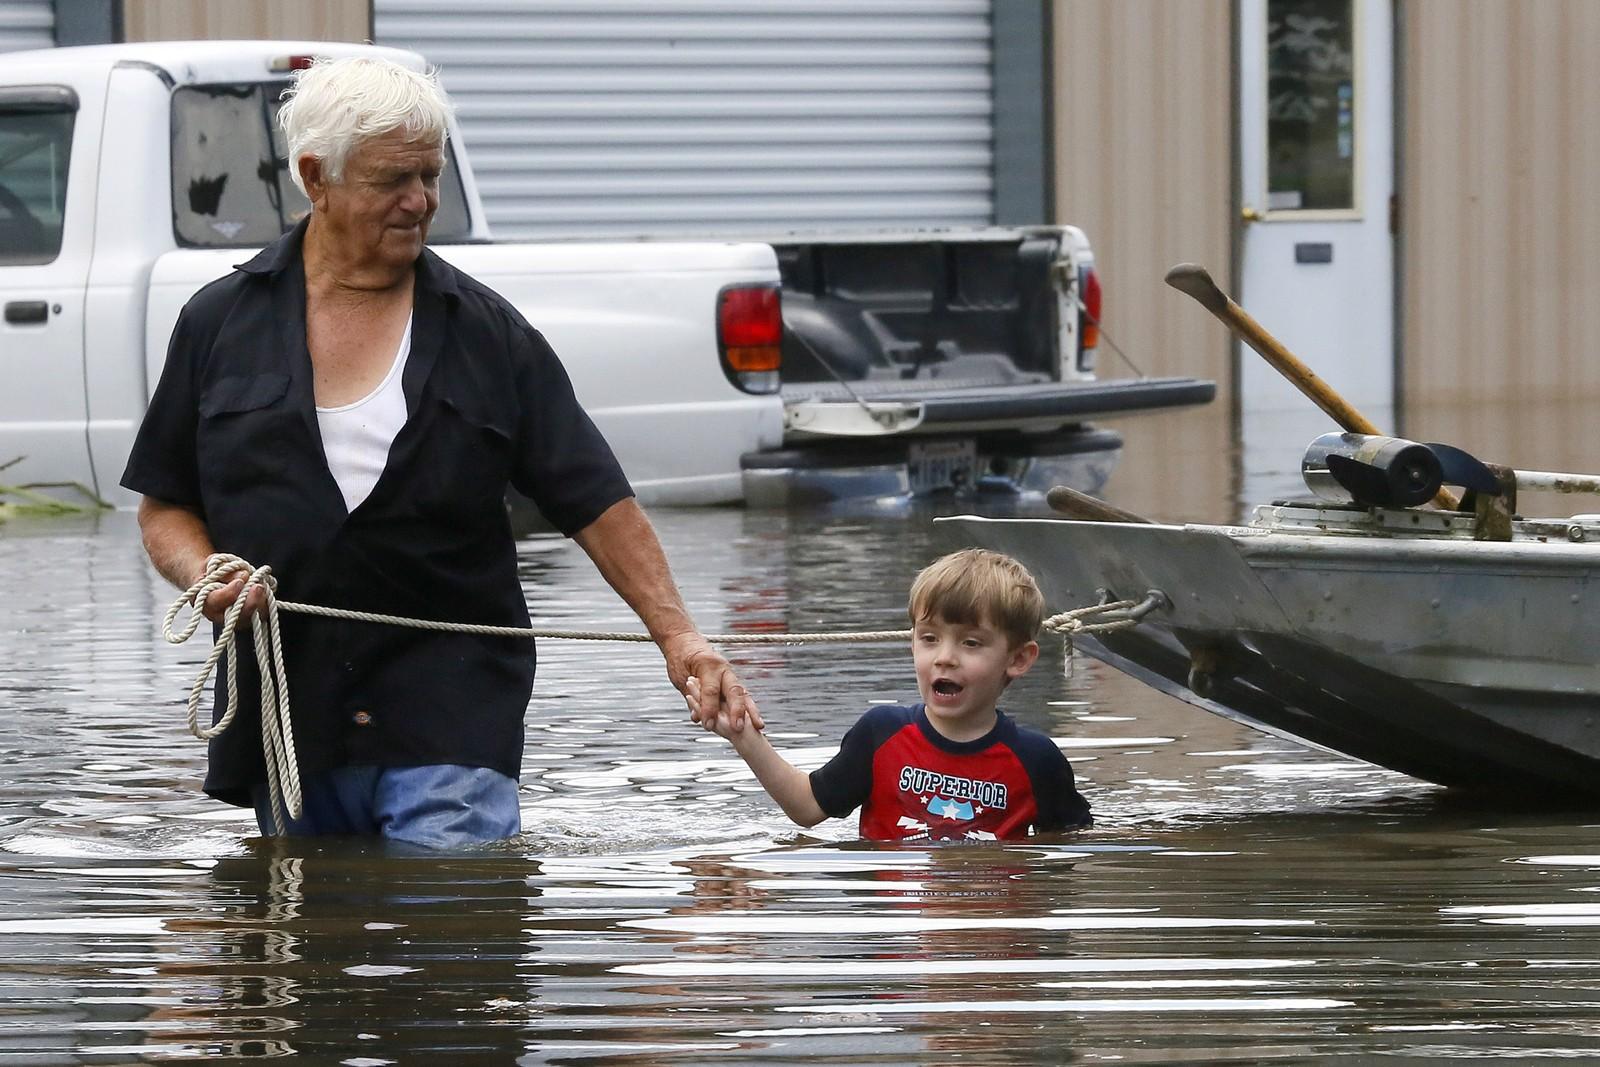 RAMMET: Richard Rossi og hans 4 år gamle barnebarn Justice prøver å komme seg gjennom flomvannet etter at hjemmet begynte å ta inn vann i St. Amant, Louisiana.